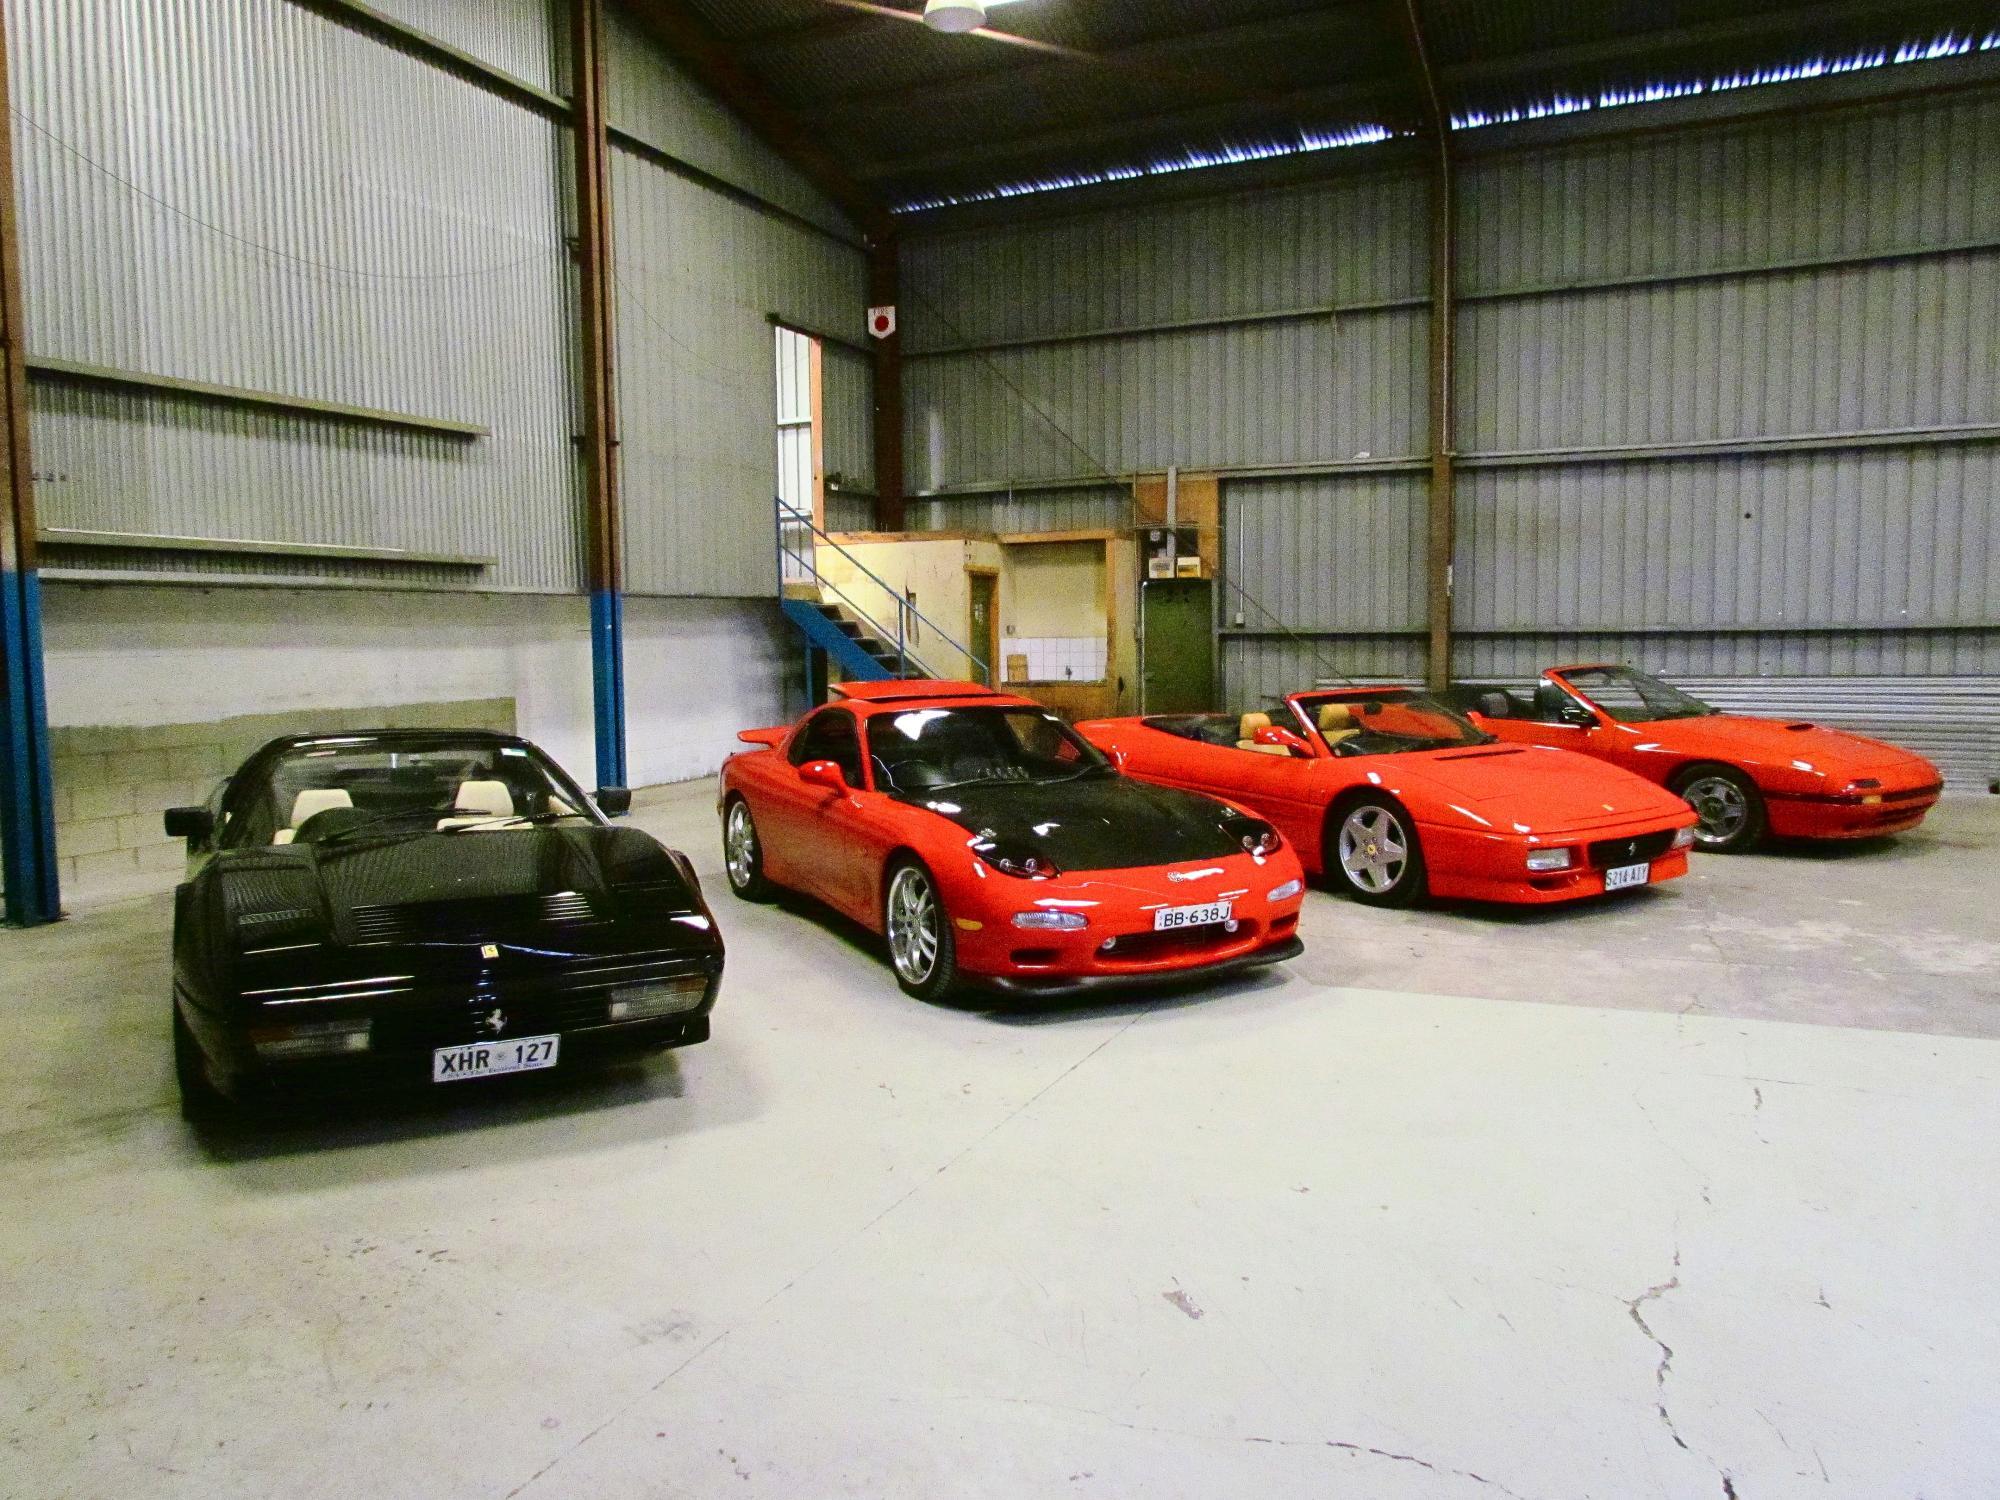 Mazdas and Ferraris